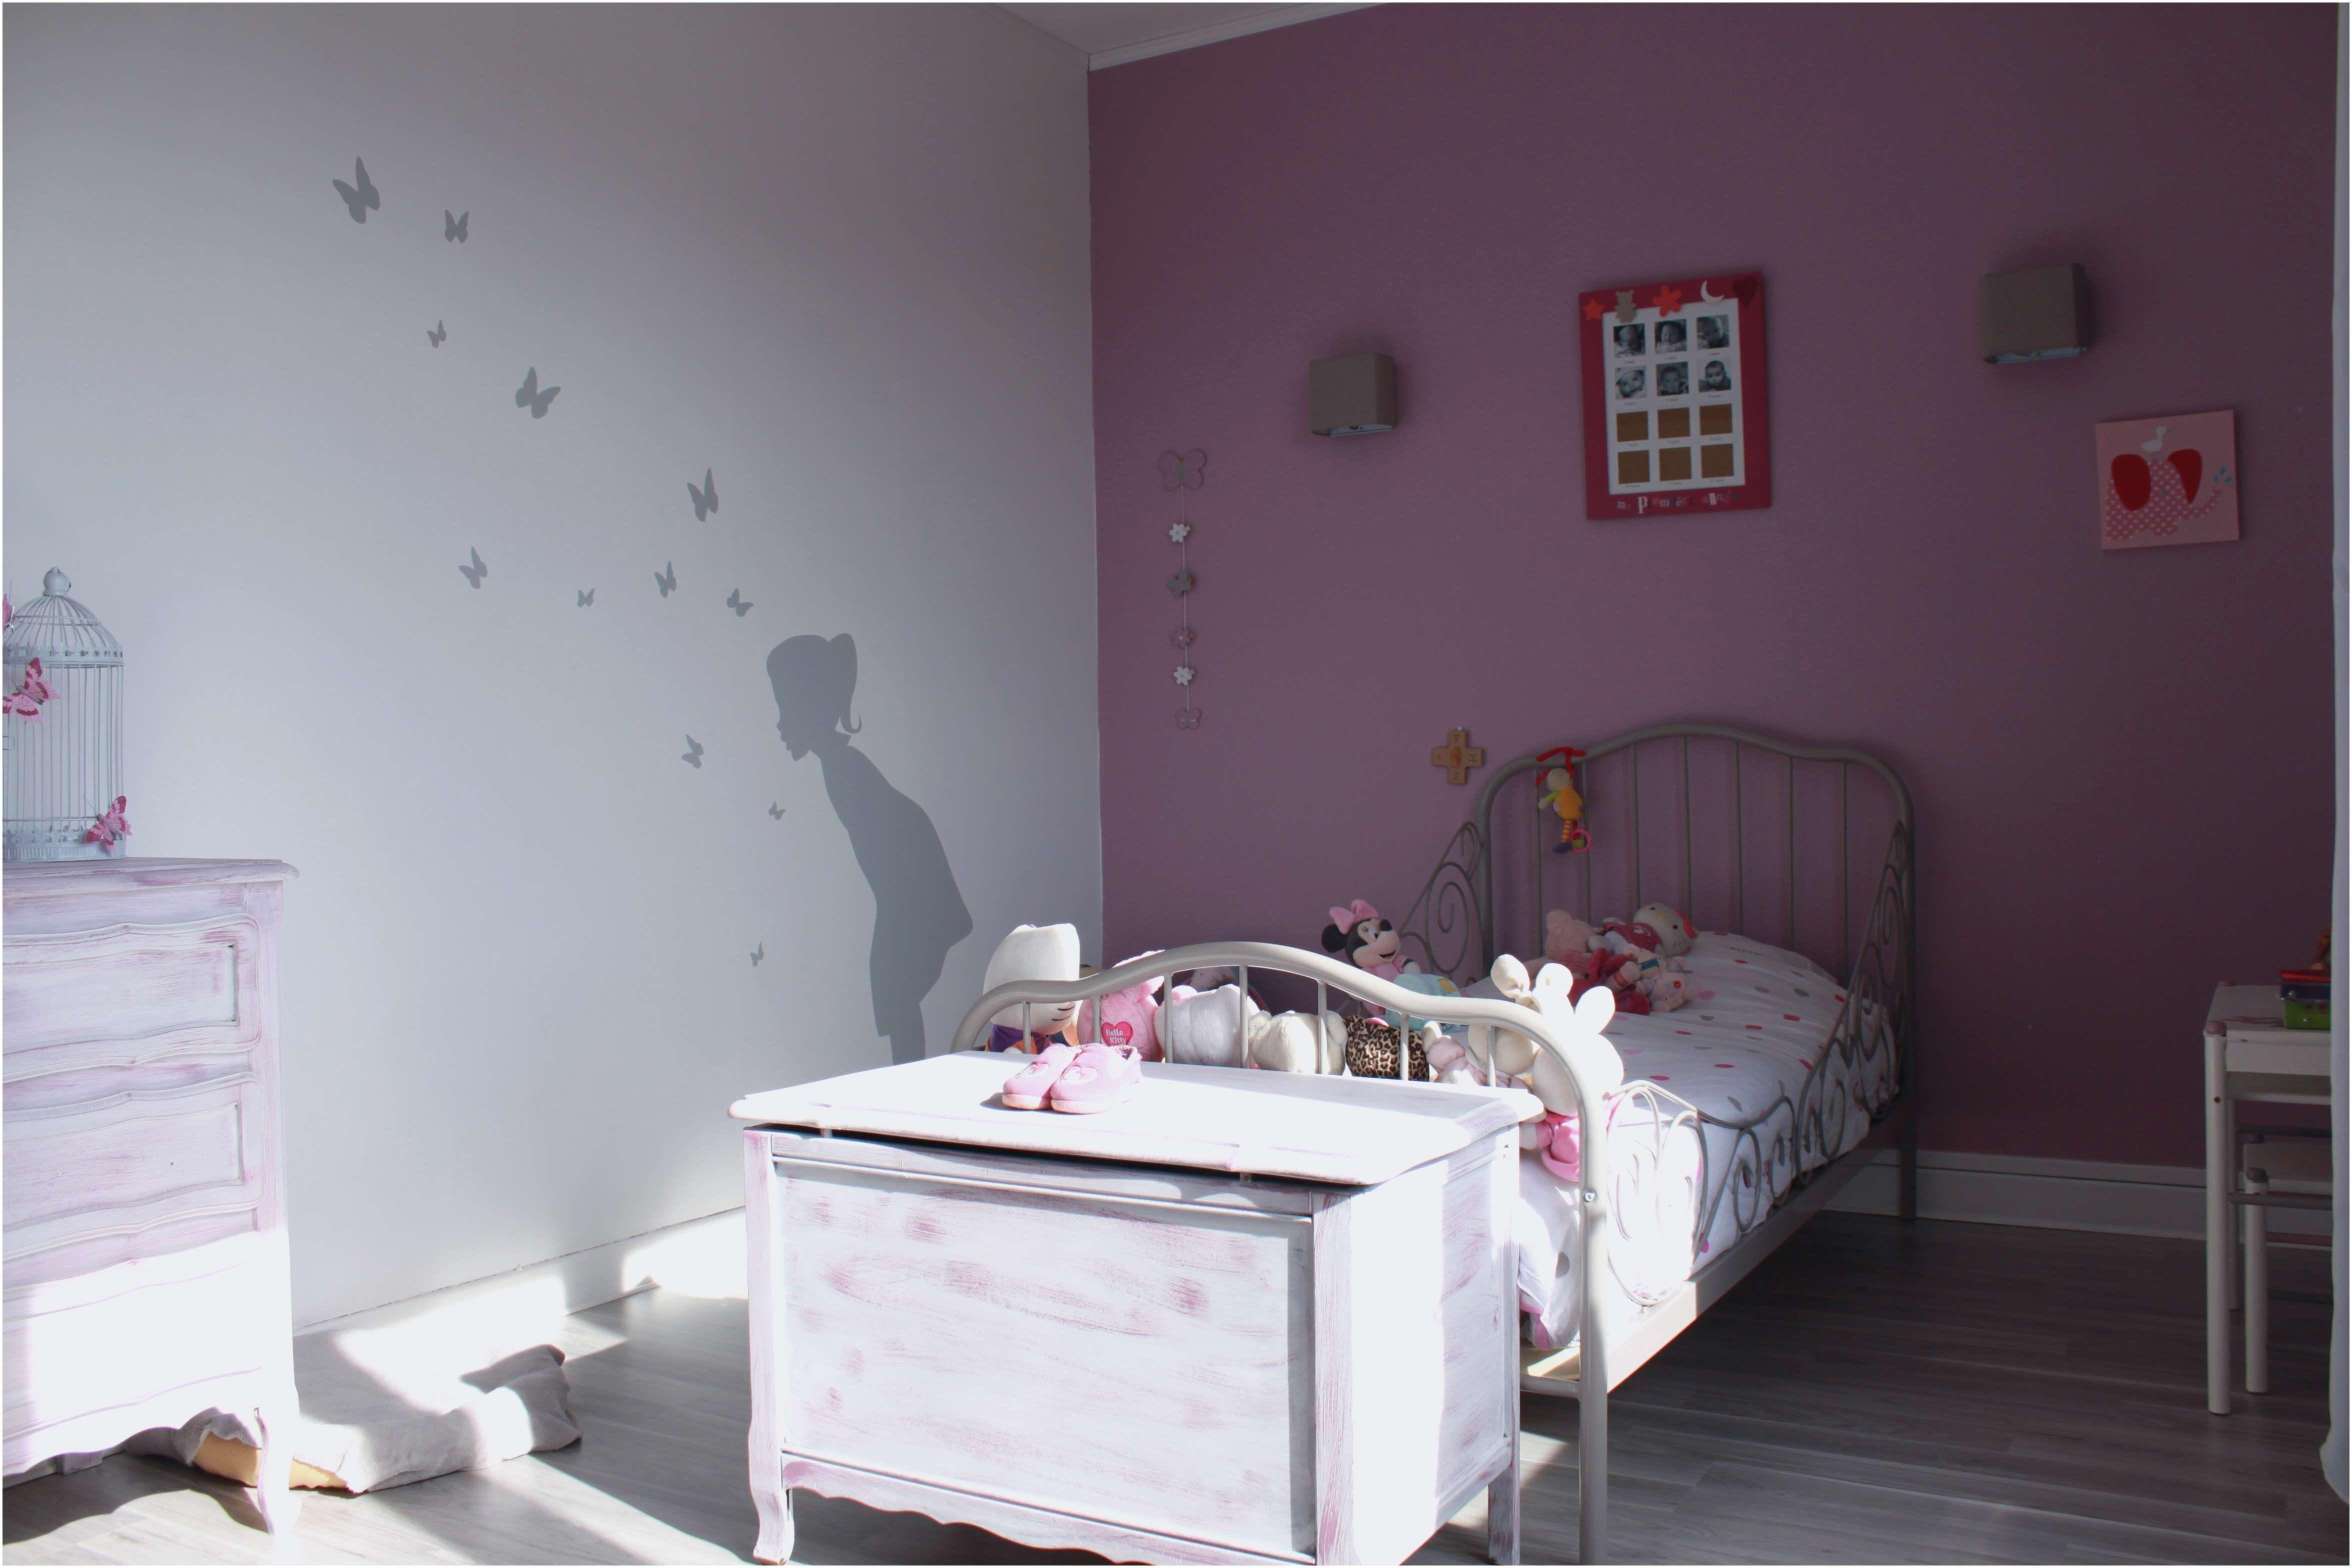 Linge De Lit Bébé Fille Magnifique Elégant Chambre Bébé Fille Gris Et Rose Beau Parc B C3 A9b C3 A9